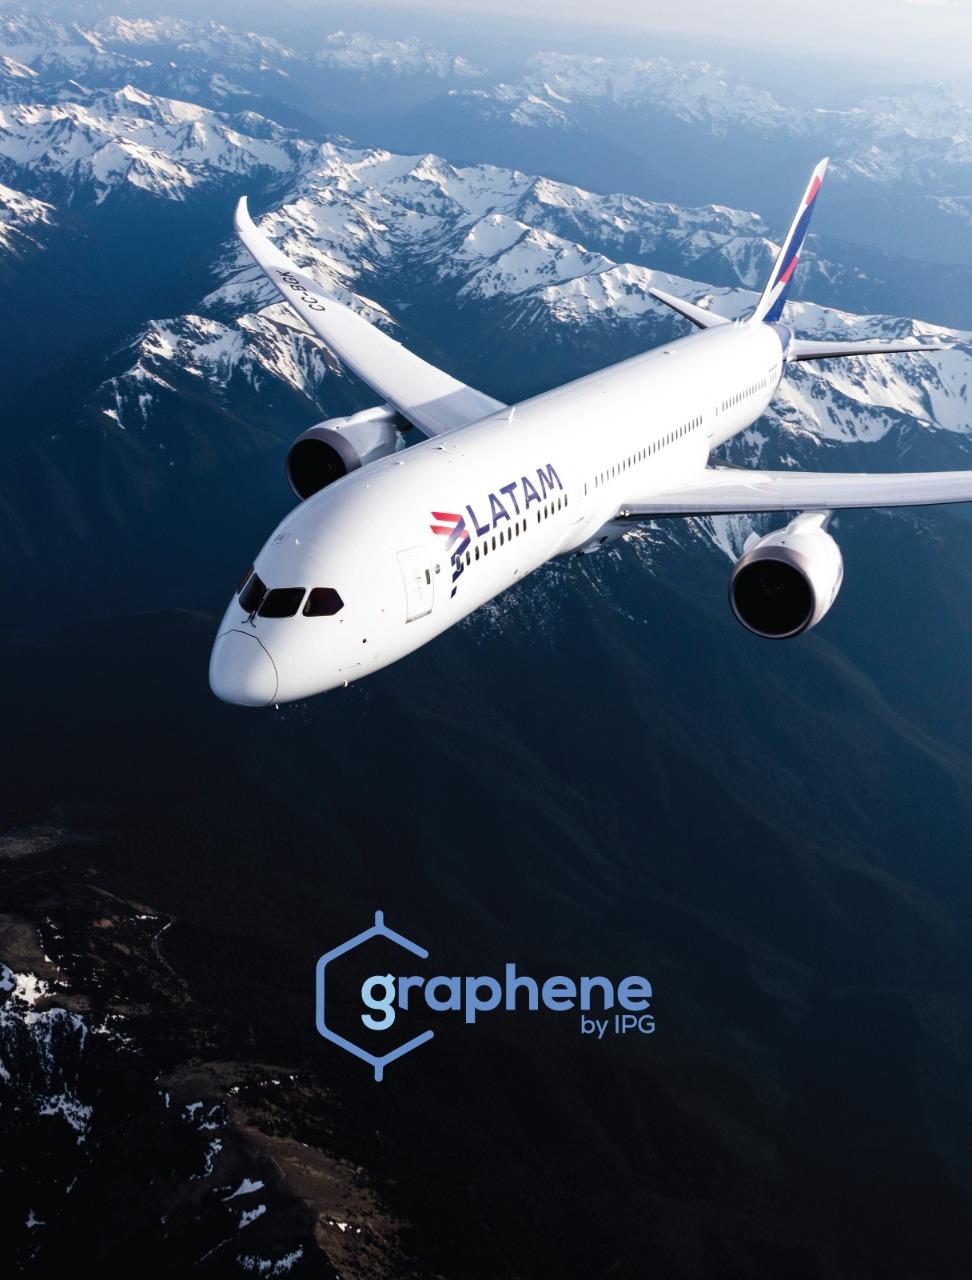 Imagem de um avião da Latam Airlines sobrevoando uma área com montanhas e o logo da Graphene abaixo